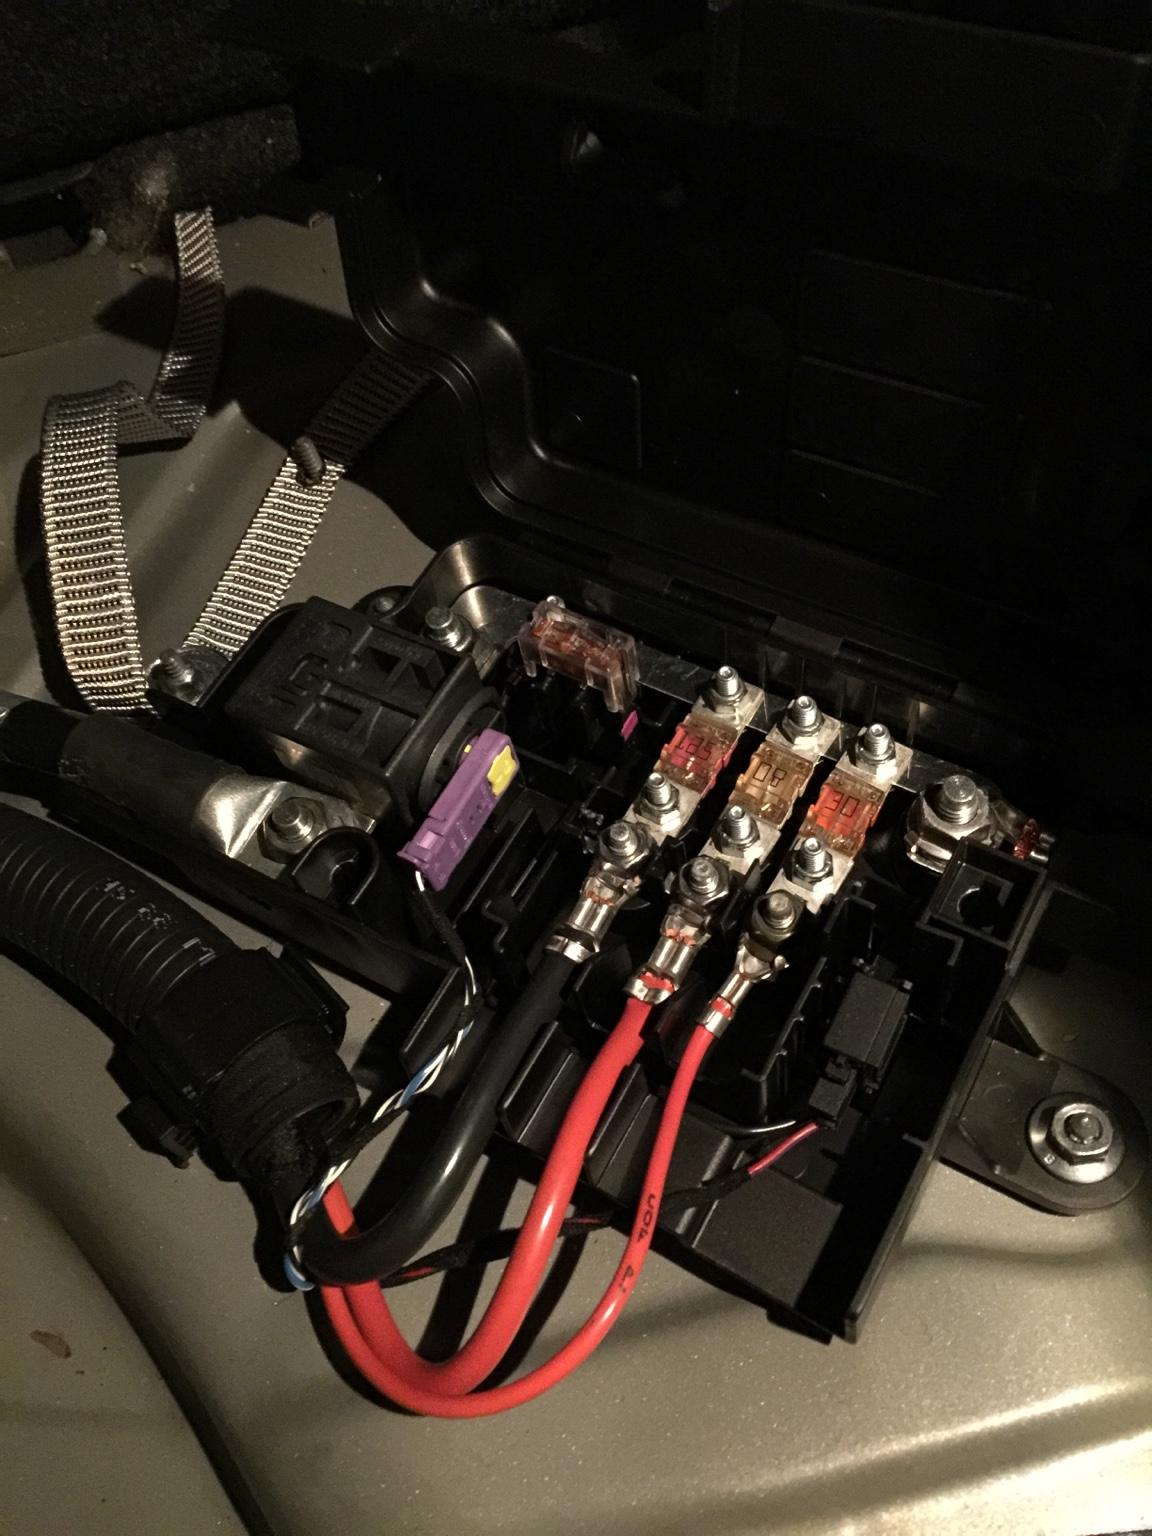 Battery fuse box wires | VW Vortex - Volkswagen ForumVW Vortex